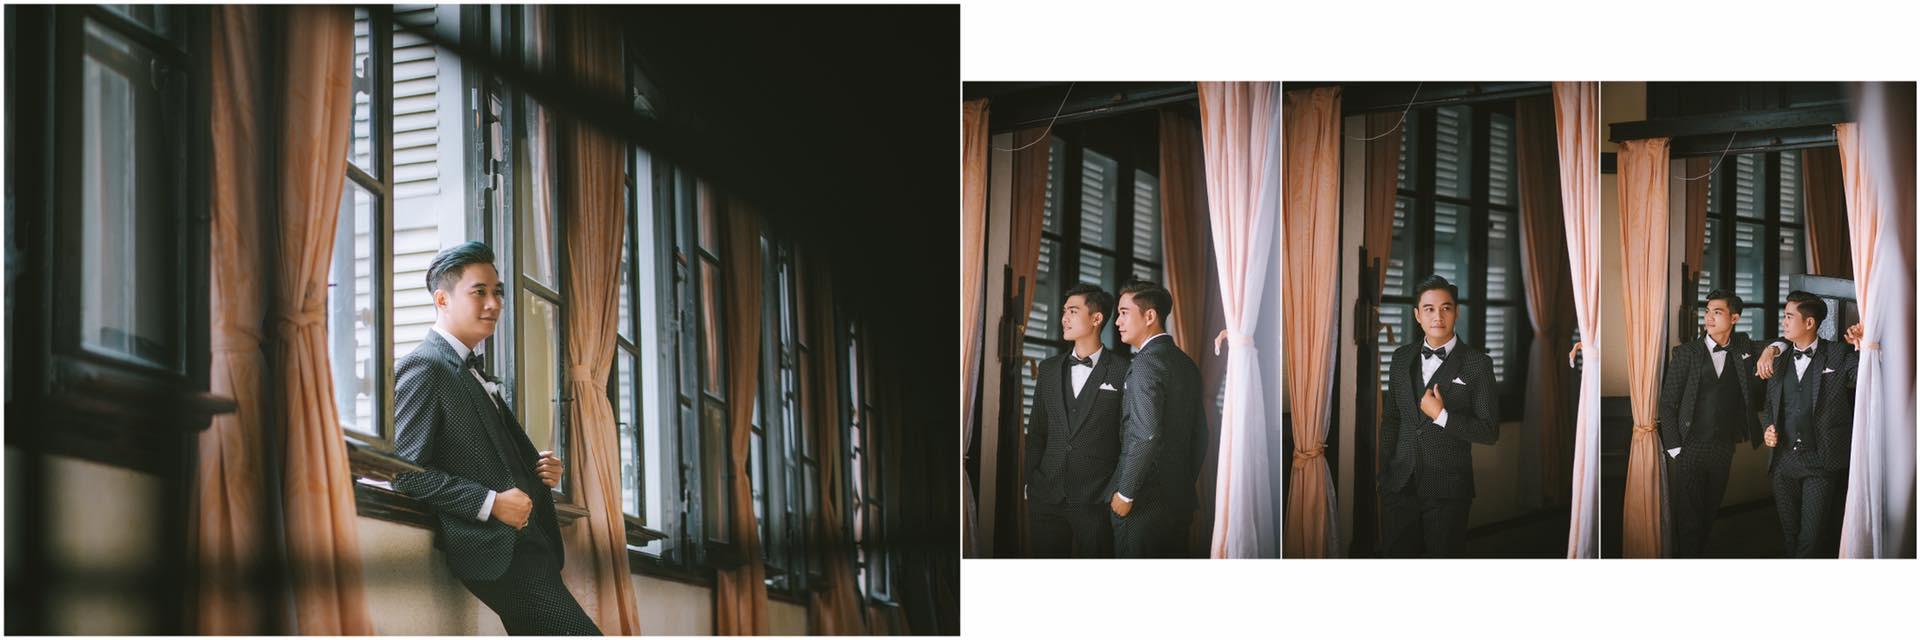 Đám cưới của cặp đồng tính điển trai gây xôn xao mạng xã hội: Chưa bao giờ vì sự phản đối của mọi người mà nản lòng - Ảnh 4.